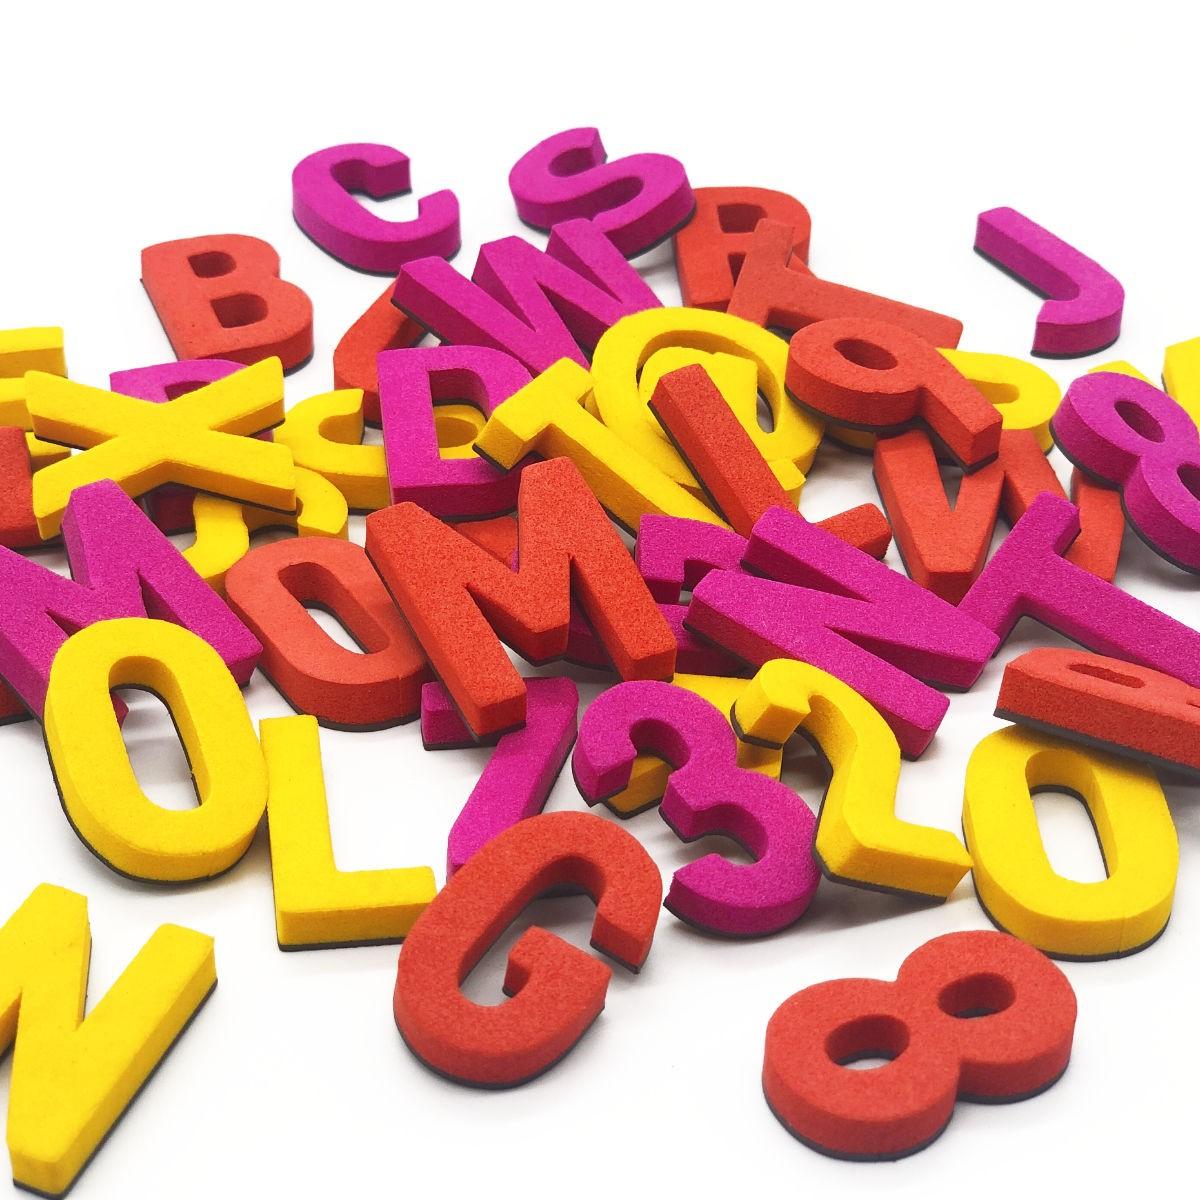 Set mit 200 modernen Magnetbuchstaben, Zahlen & Sonderzeichen. KNUTSCH KNALL | TYPE OH